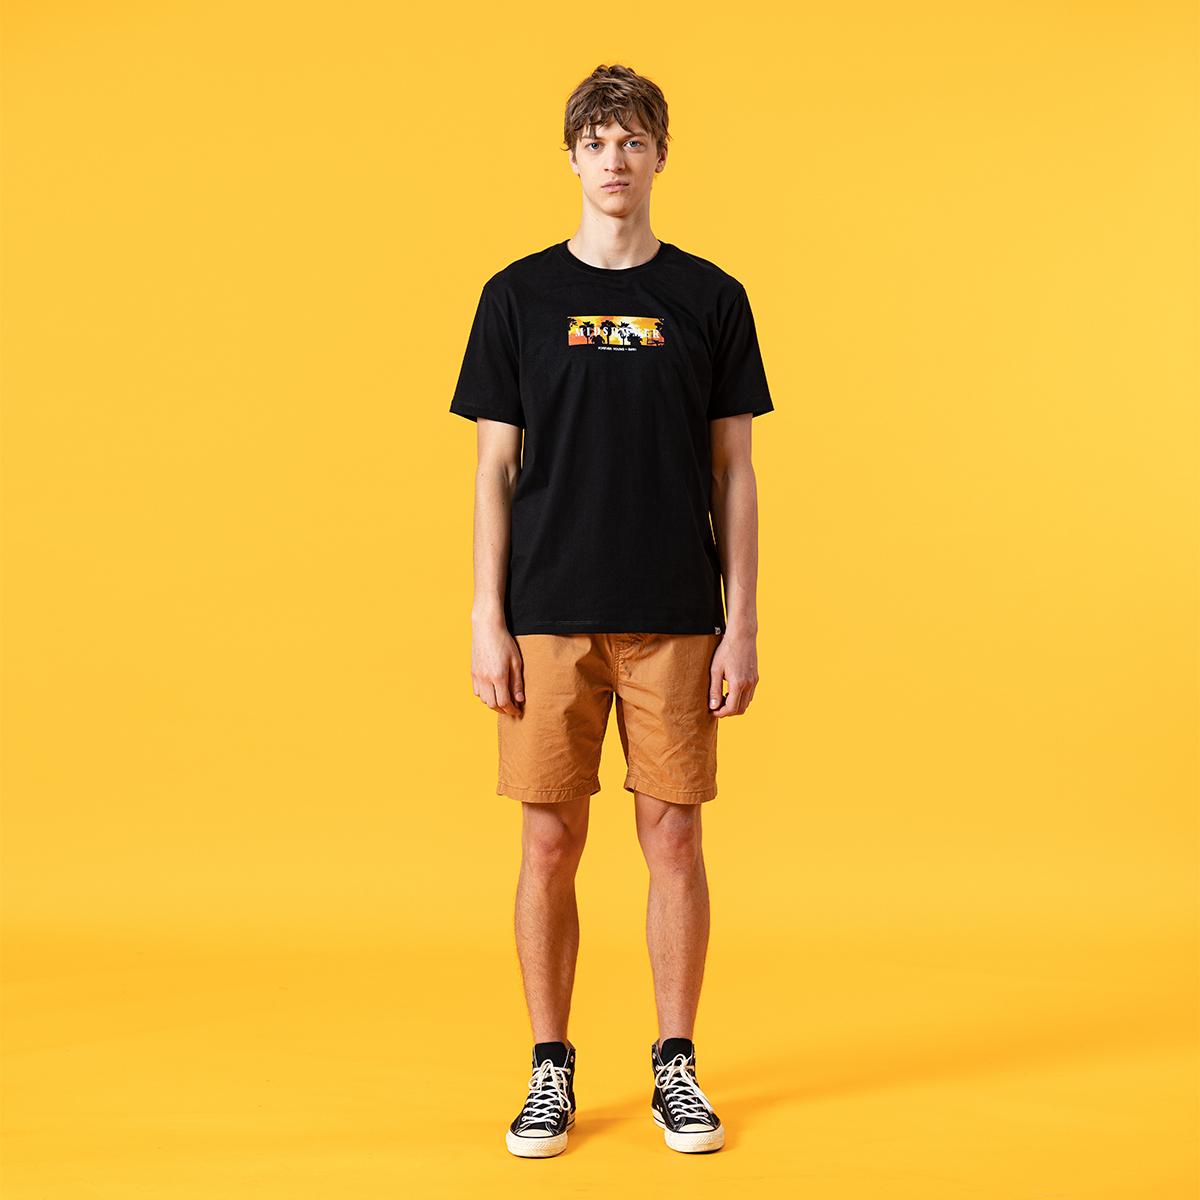 SIMWOOD 2020 летние мужские футболки 100% хлопок Графический дизайн DTG Футболка с принтом футболка с короткими рукавами; Прямая поставка